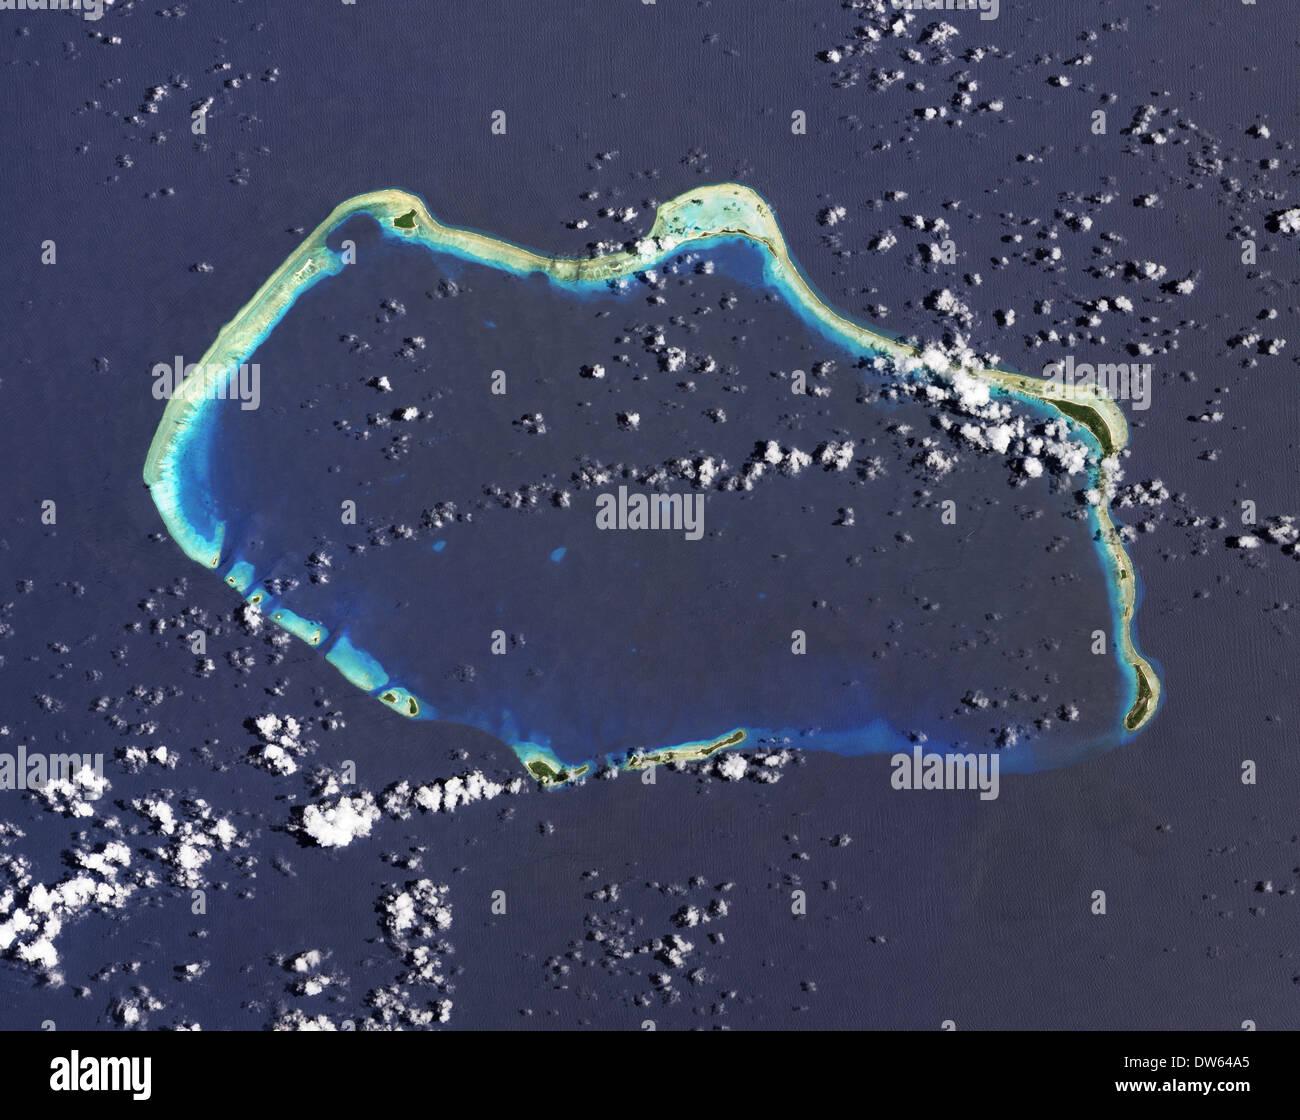 8fea76a5fc Bikini Atoll Atom Bomb Stock Photos   Bikini Atoll Atom Bomb Stock ...